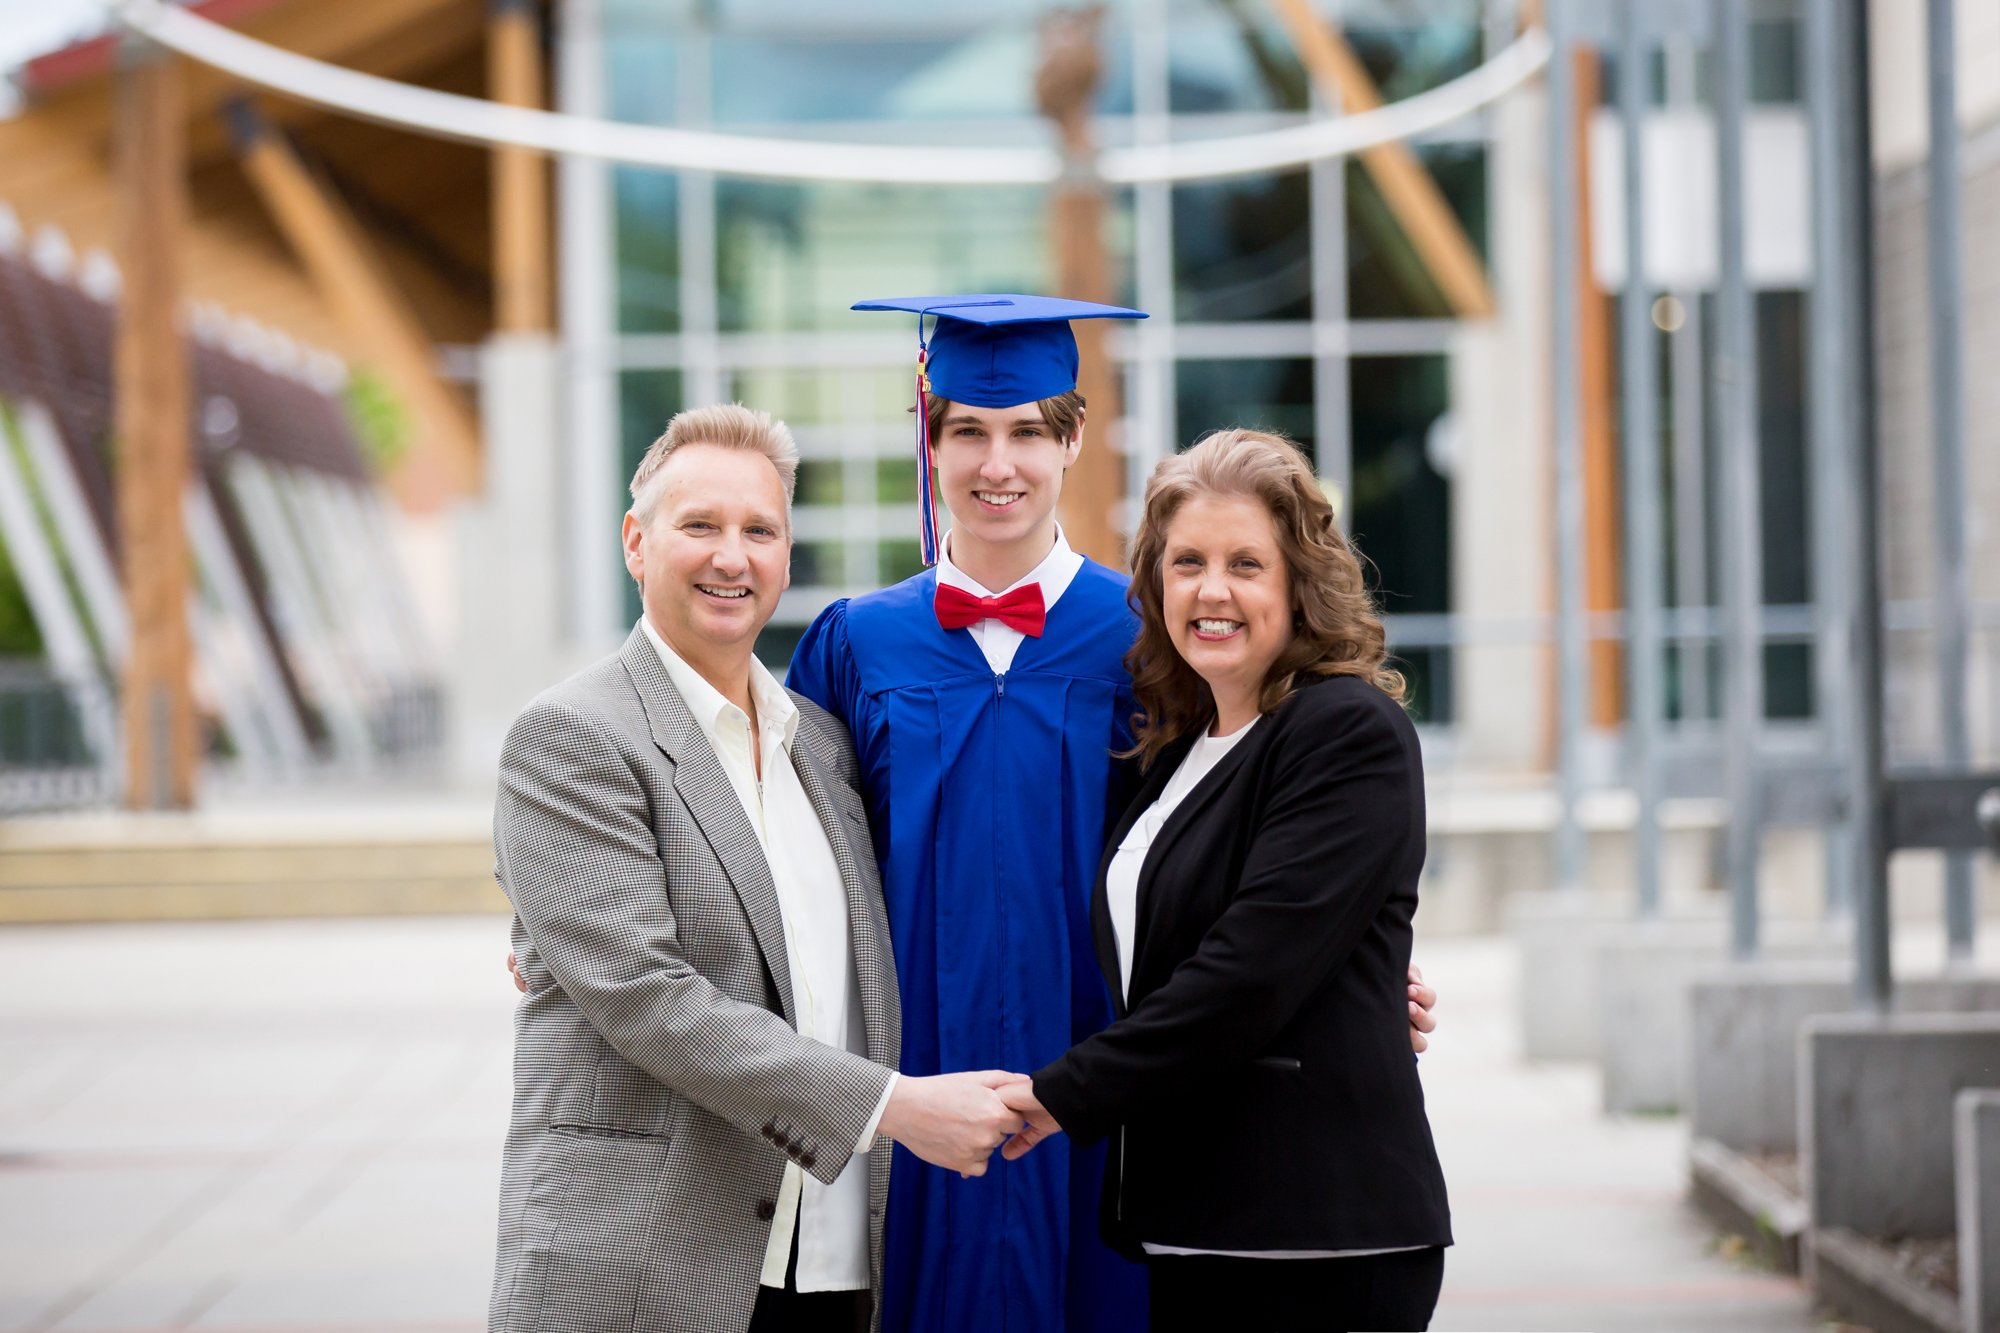 A grad with his parents